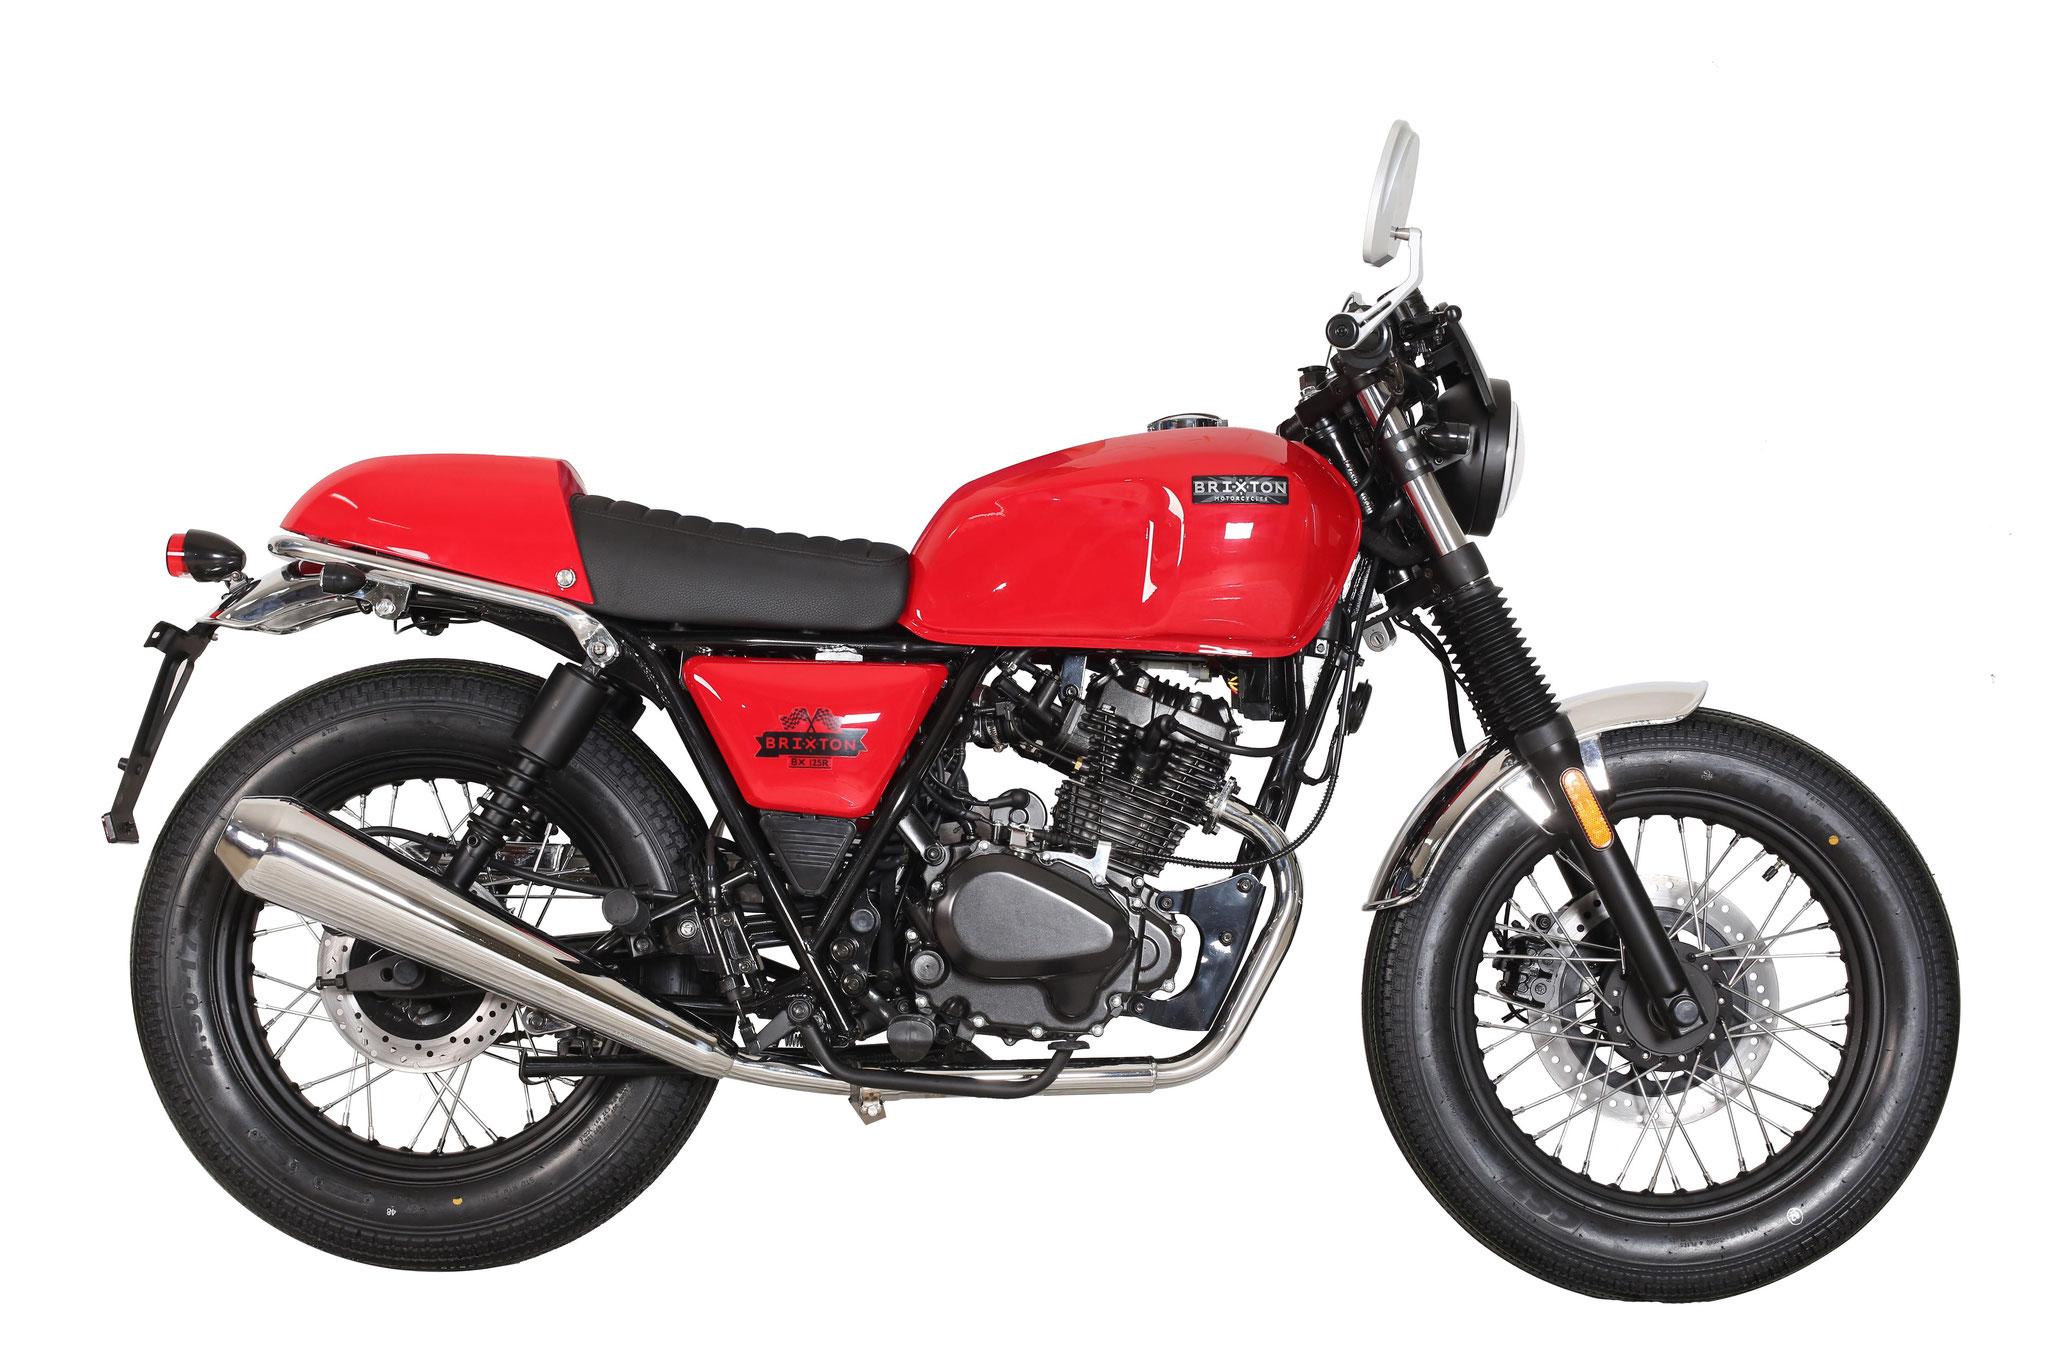 BX 125 R | Der Retro-Café-Racer